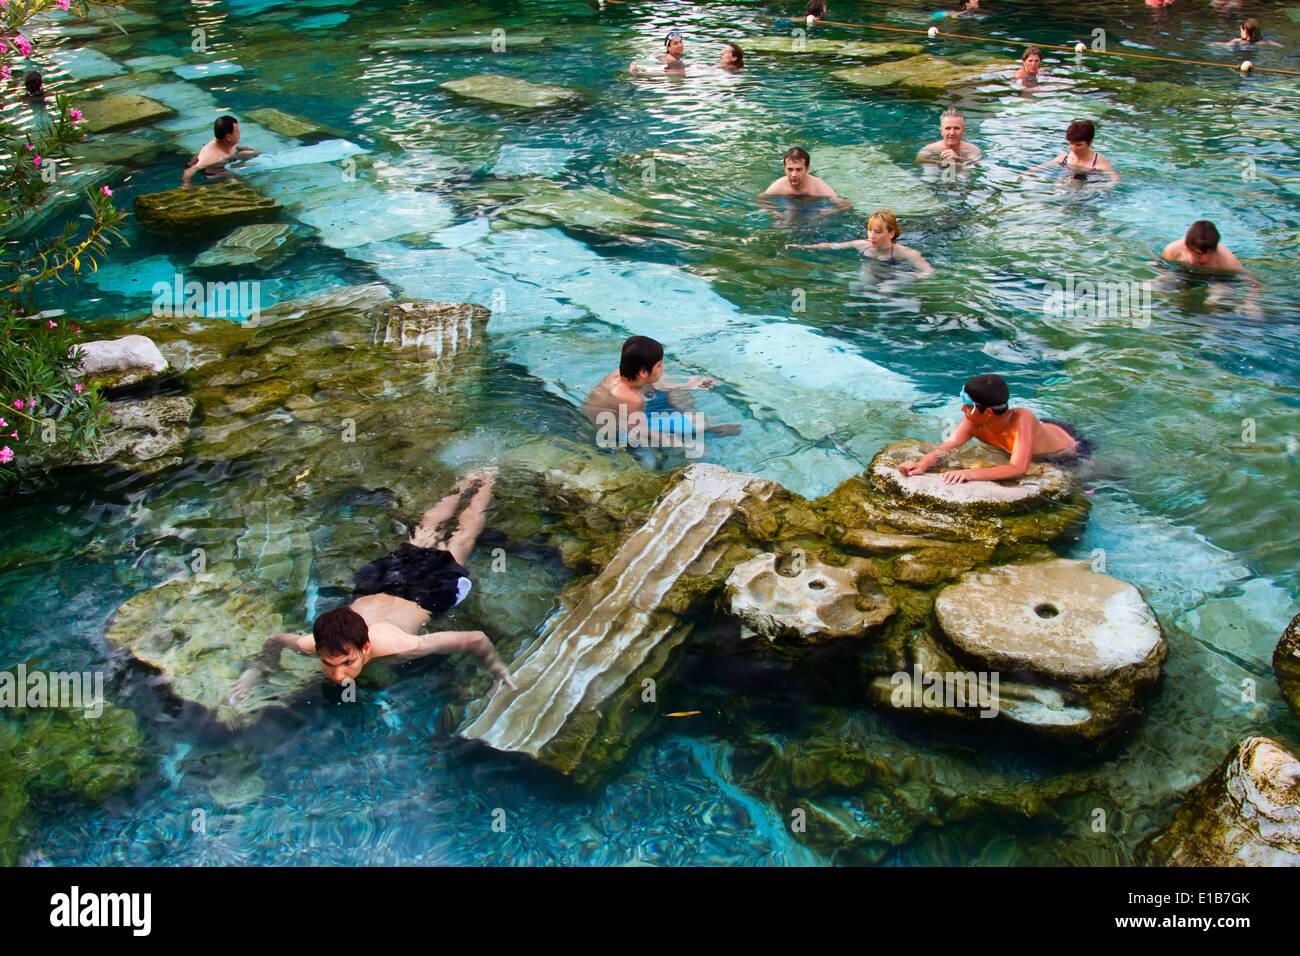 Swimming Pool Hierapolis Denizli Province Anatolia Turkey Asia Stock Photo Royalty Free